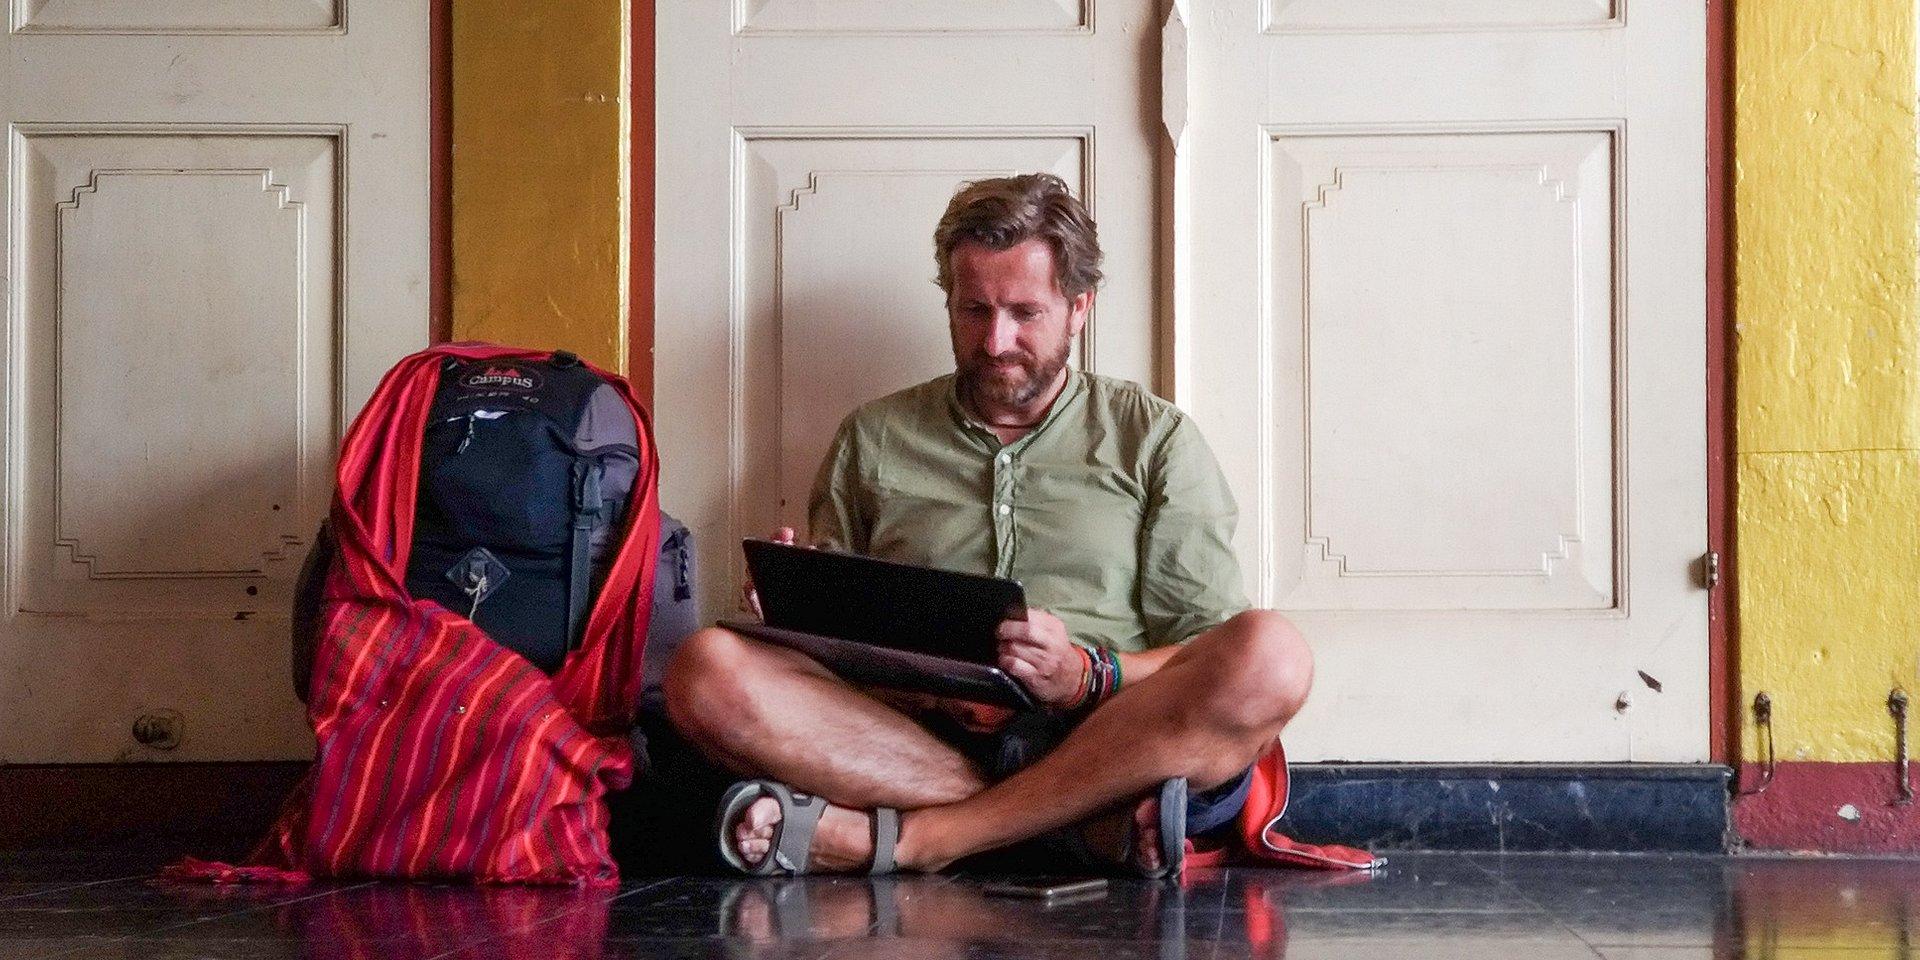 ODERWANE MIEJSCE PRACY i mój laptop w podróży